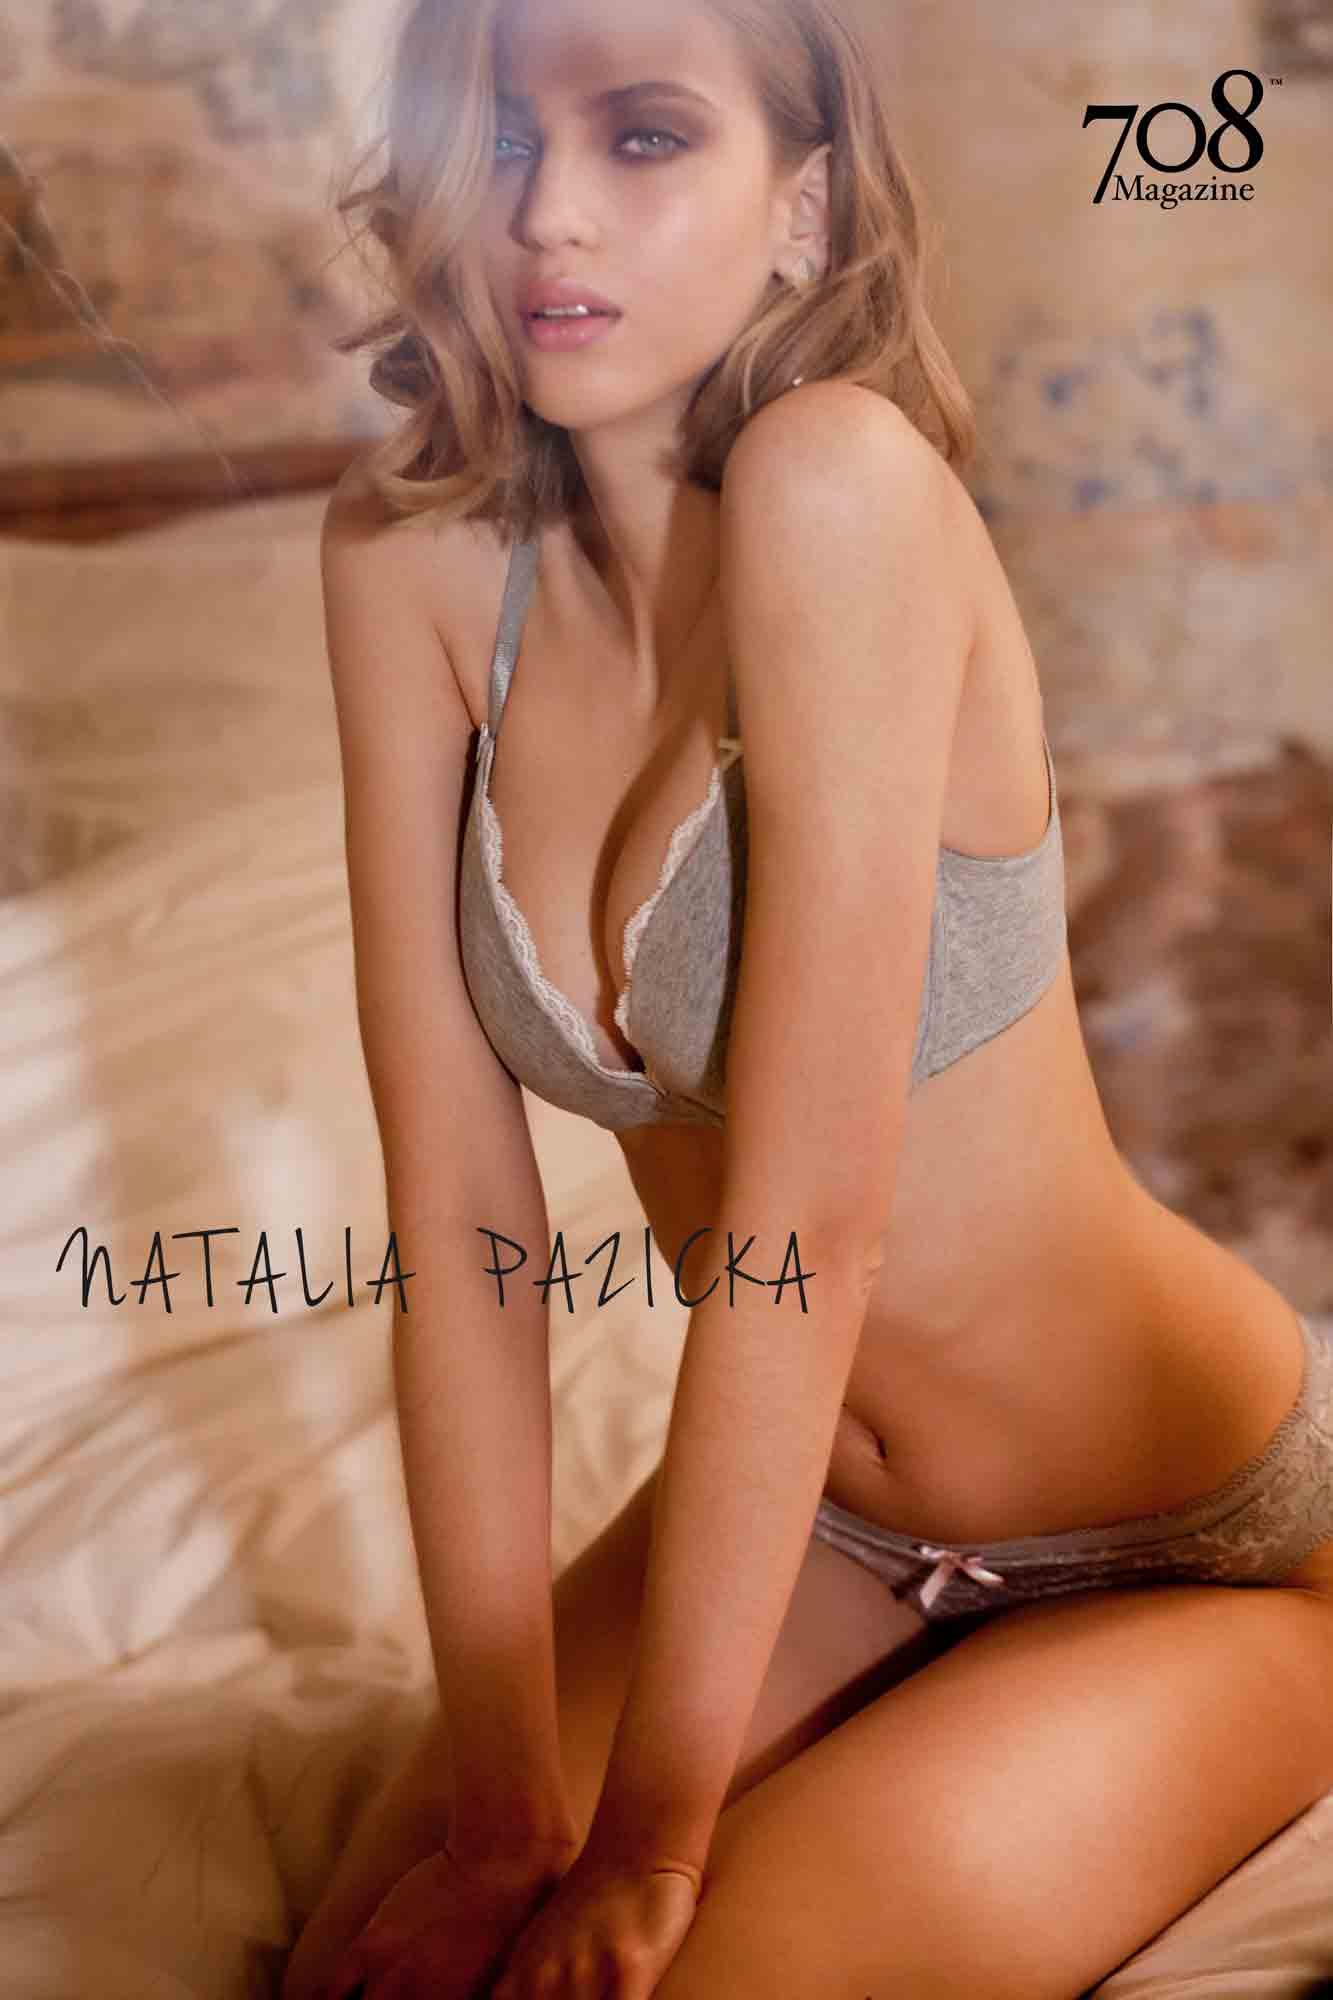 Natalia-Pazicka-708-Magazine